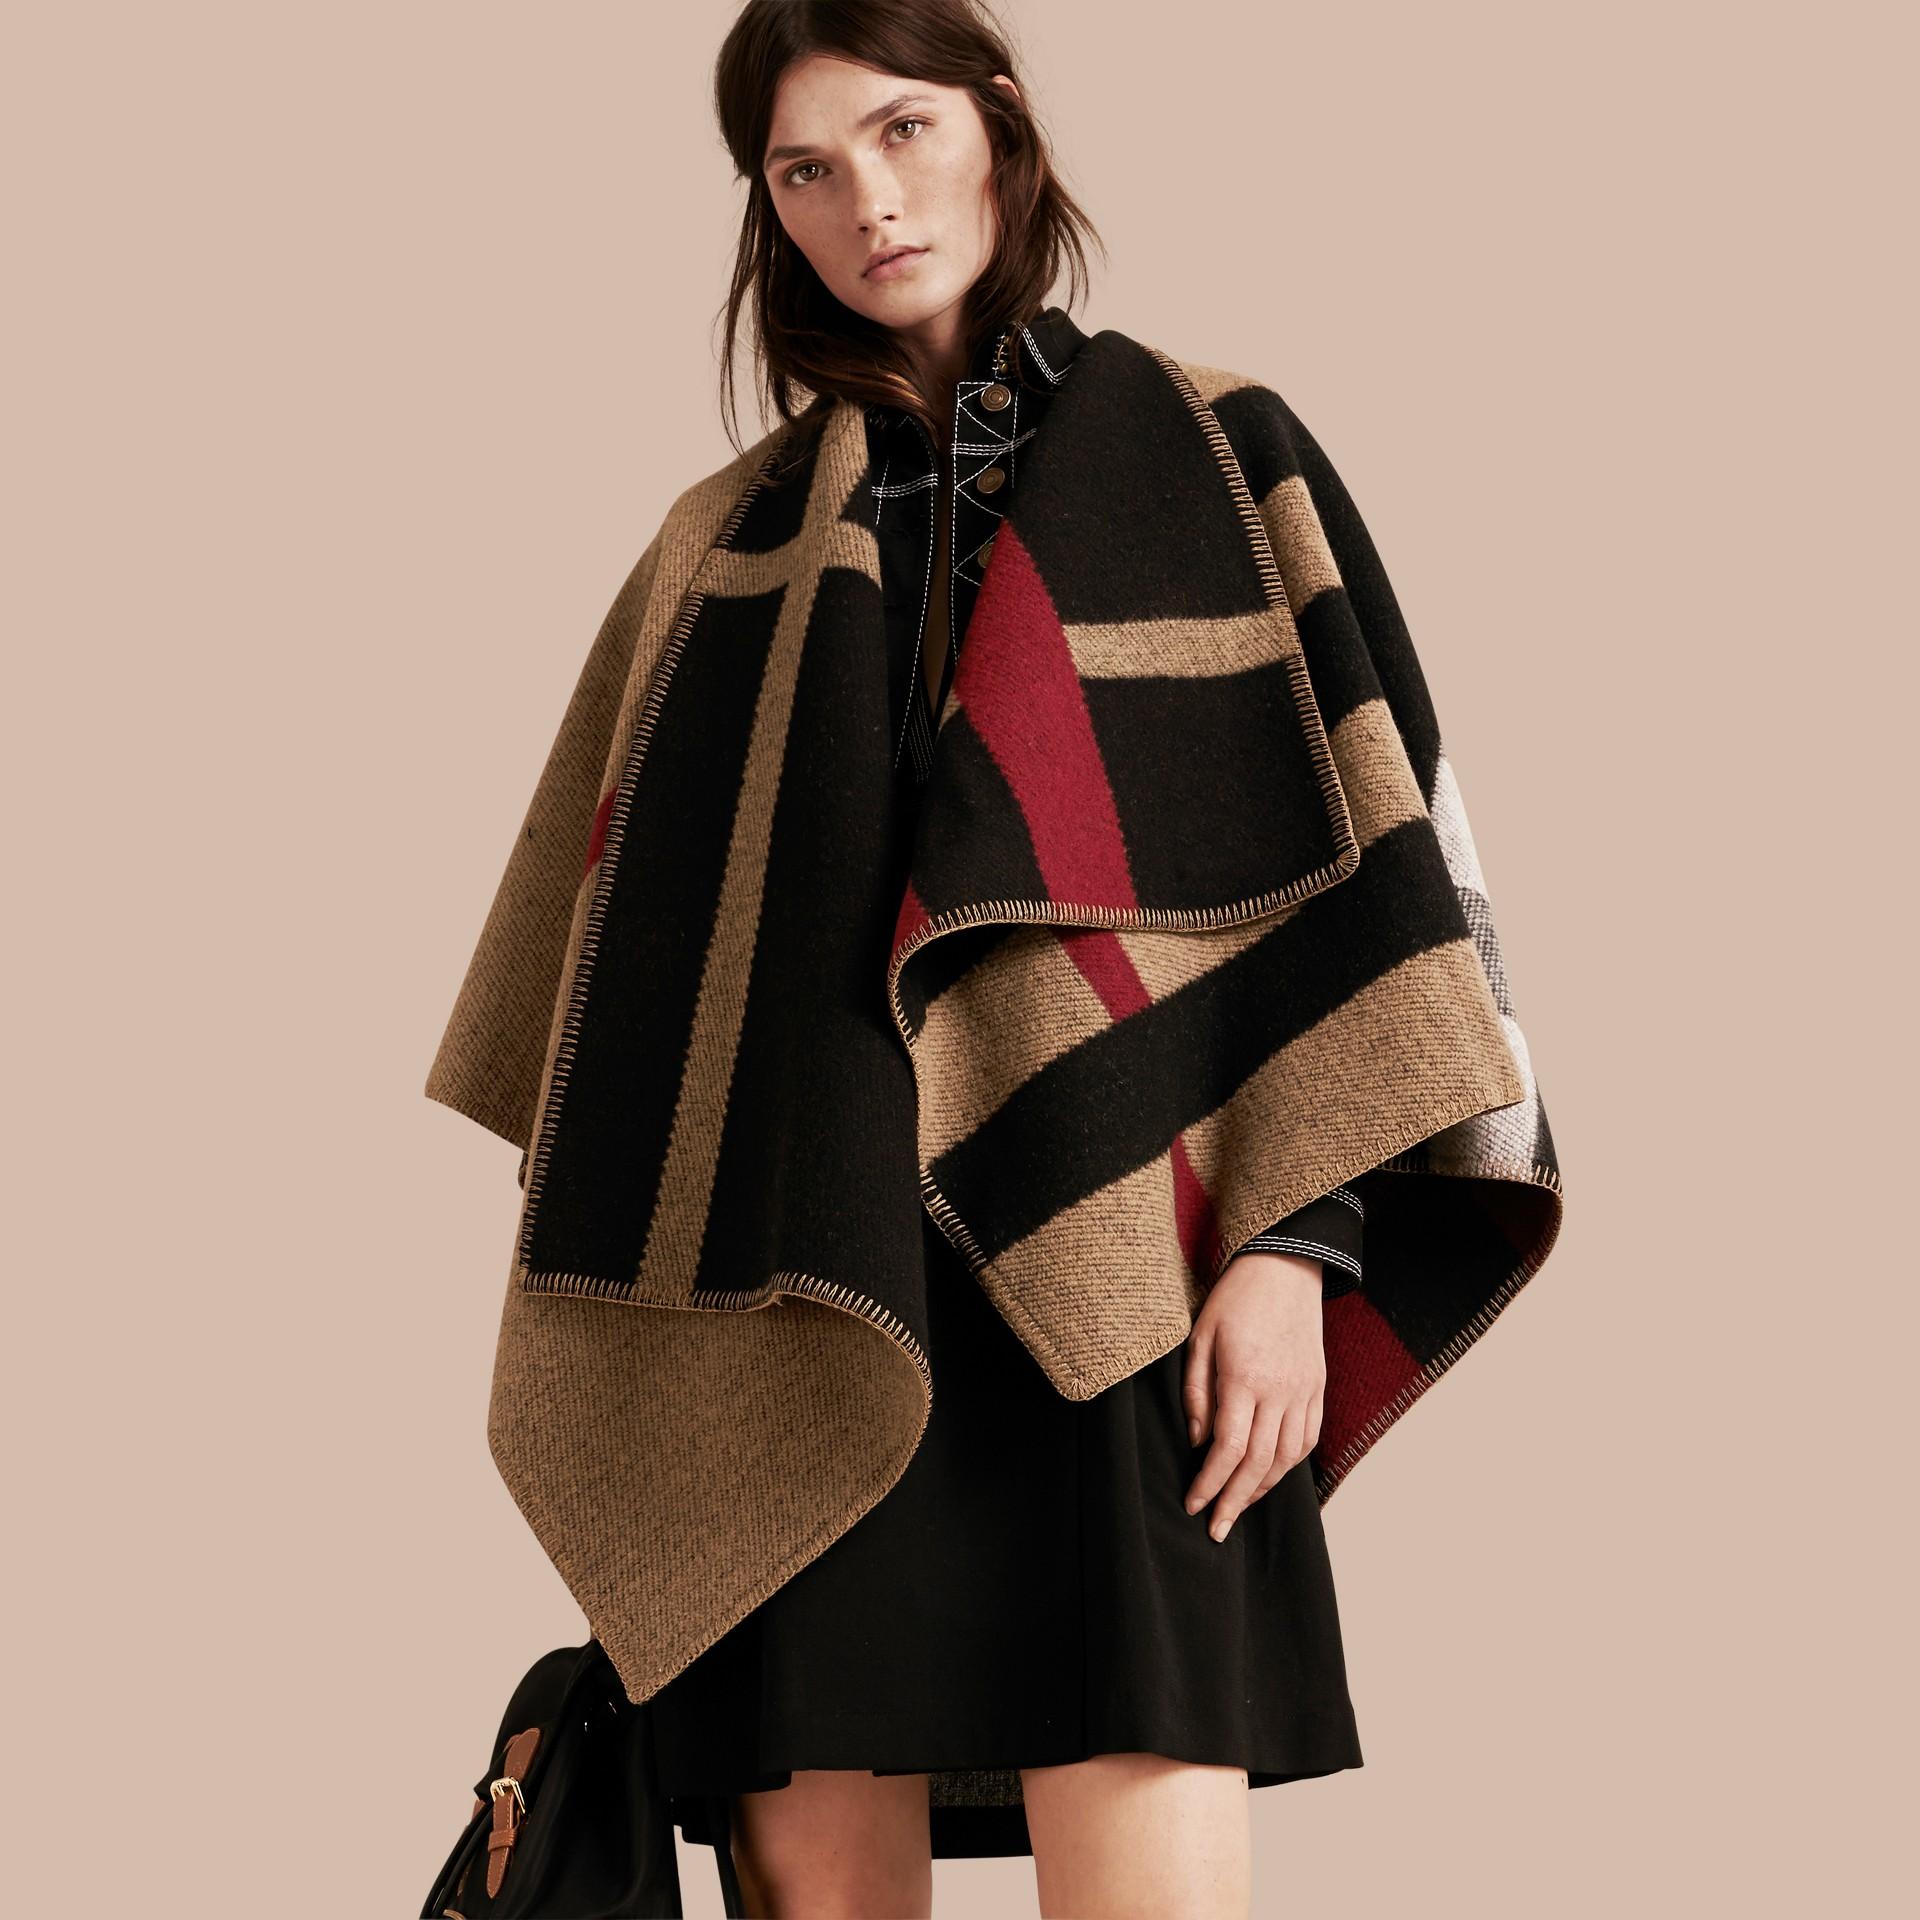 House check/noir Poncho plaid en laine et cachemire à motif check - photo de la galerie 1